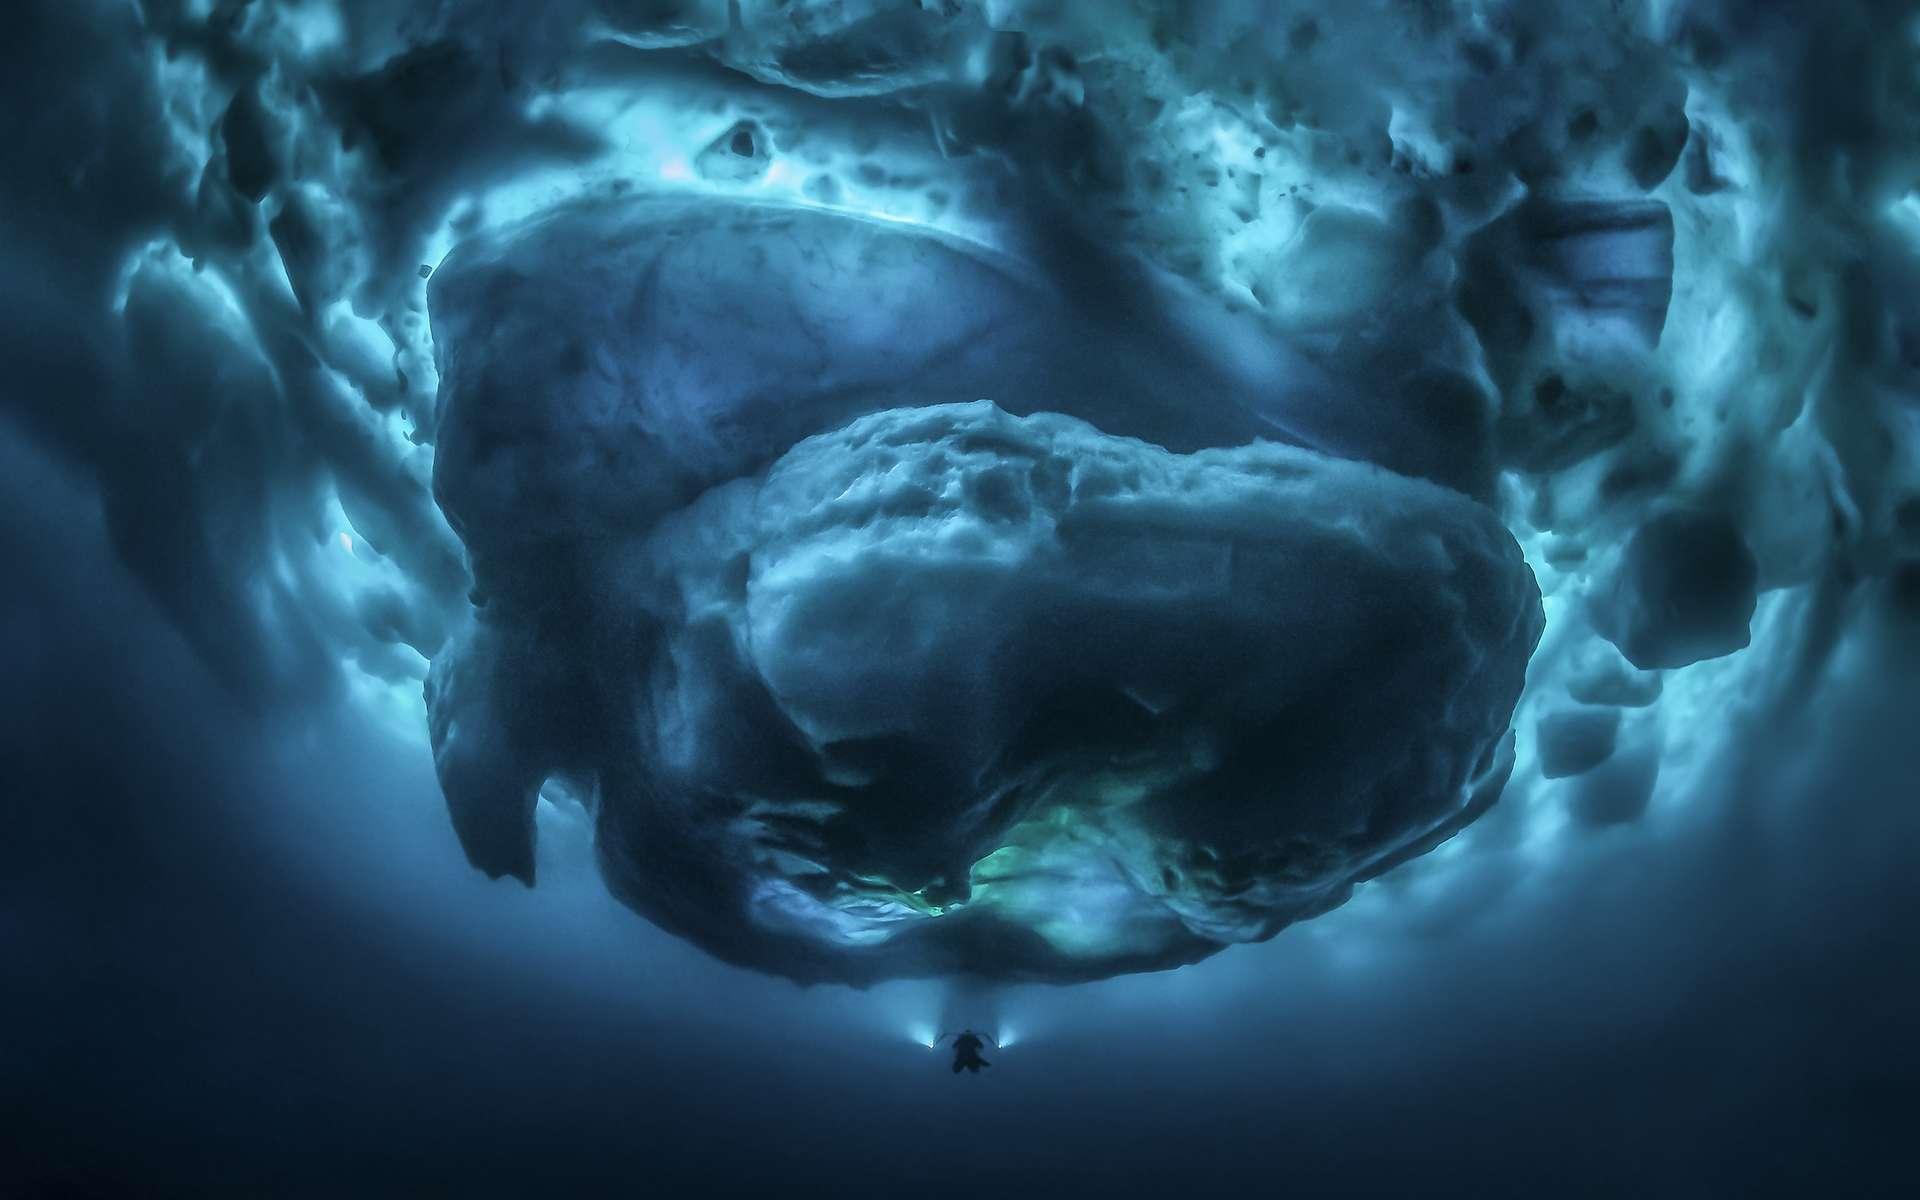 « Sous le zéro », gagnant 2020 du concours de la plus belle photo sous-marine dans la catégorie Grand angle. © Tobias Friedrich, UPY 2020